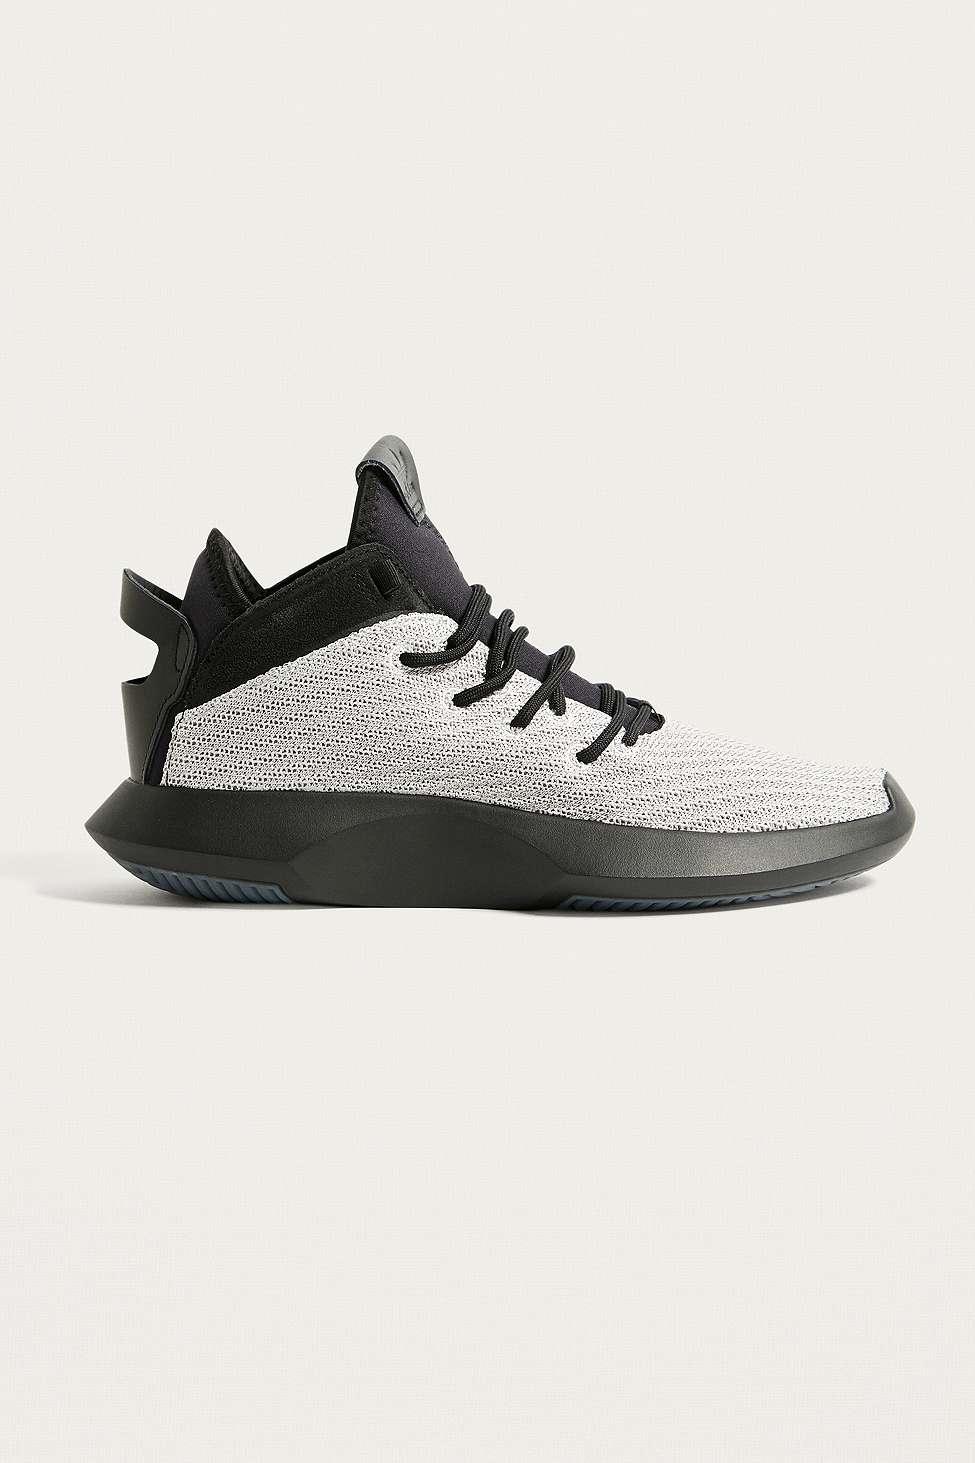 Adidas originali da urban outfitters 1 avanzata dei formatori